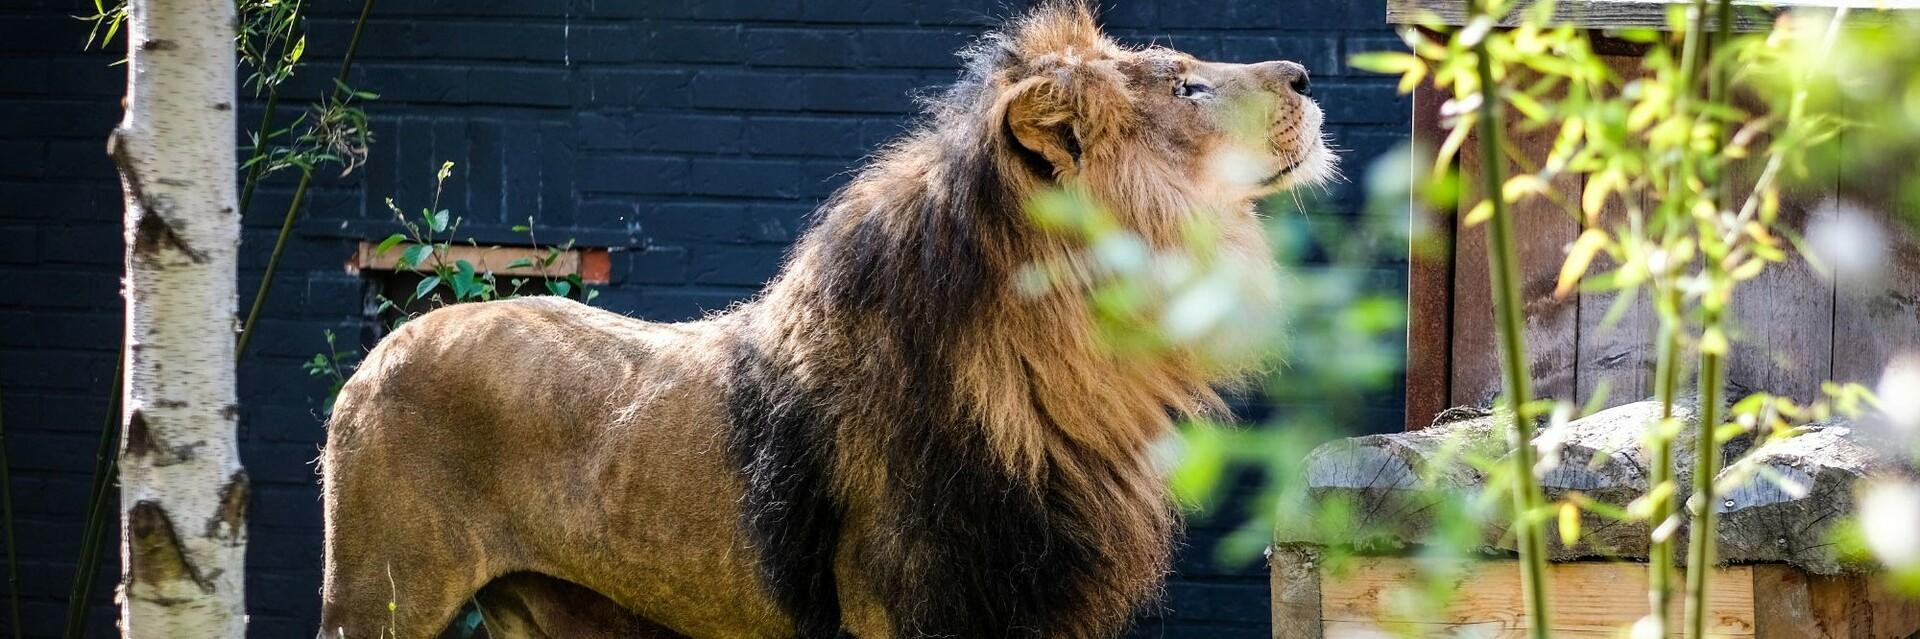 Lion Zhaku at FELIDA